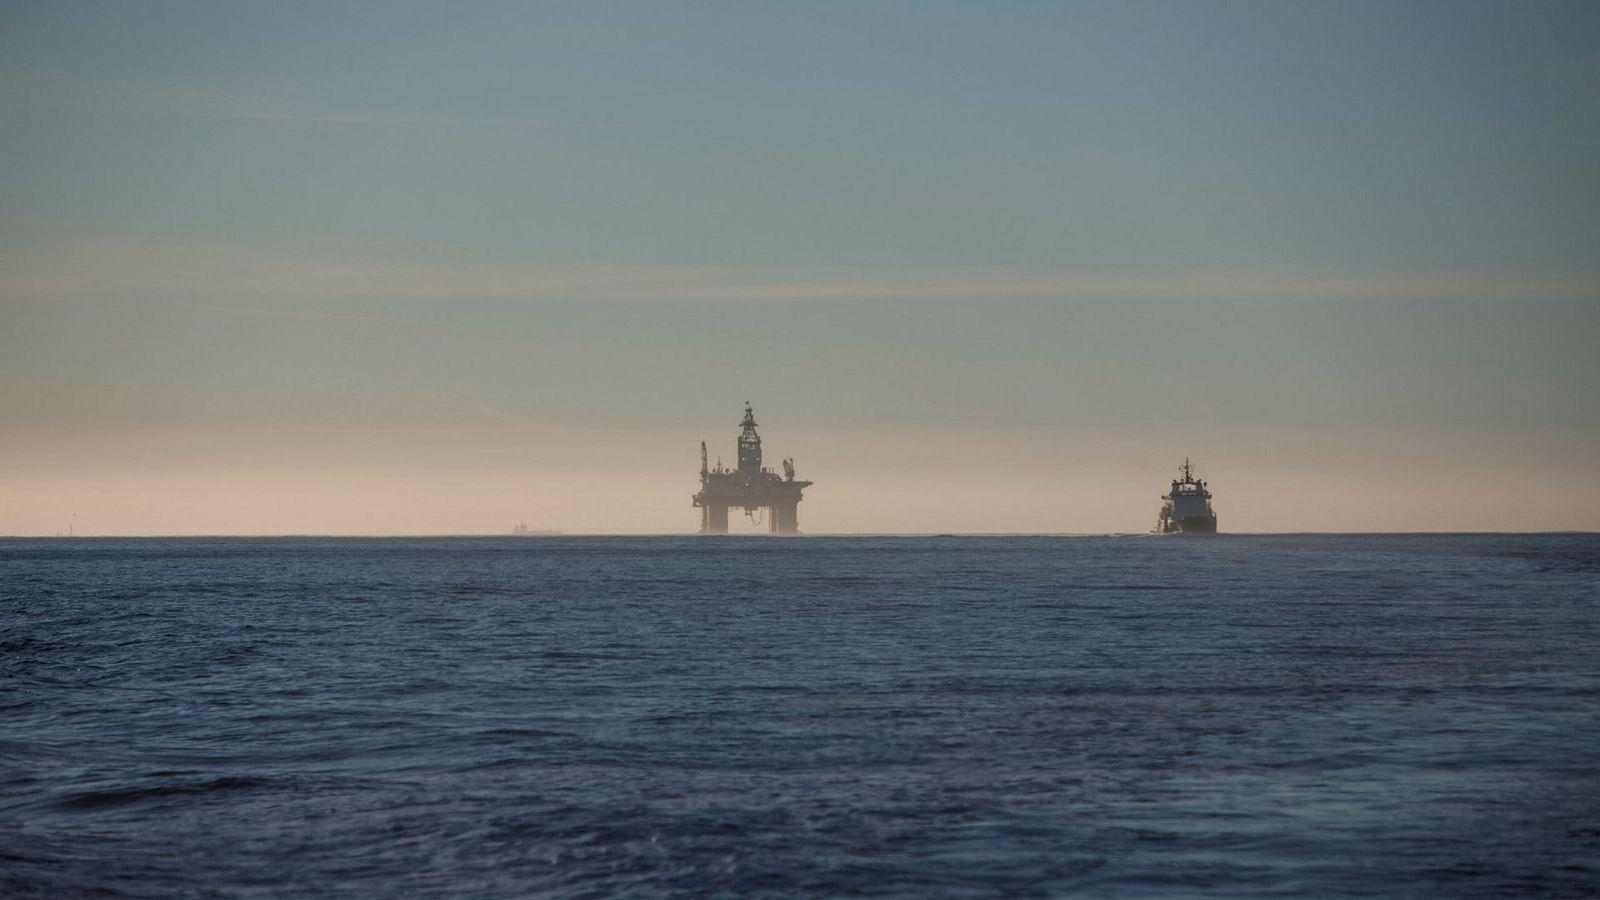 Lav oljepris ble møtt med store kostnadskutt i norsk petroleumsindustri. Deriblant en nedbemanning, som ifølge SSB krympet antall sysselsatte med 50.000 fra 2013 til 2016, skriver artikkelforfatterne. Her fra boreriggen «Songa Encourage» på vei inn til Mongstad.